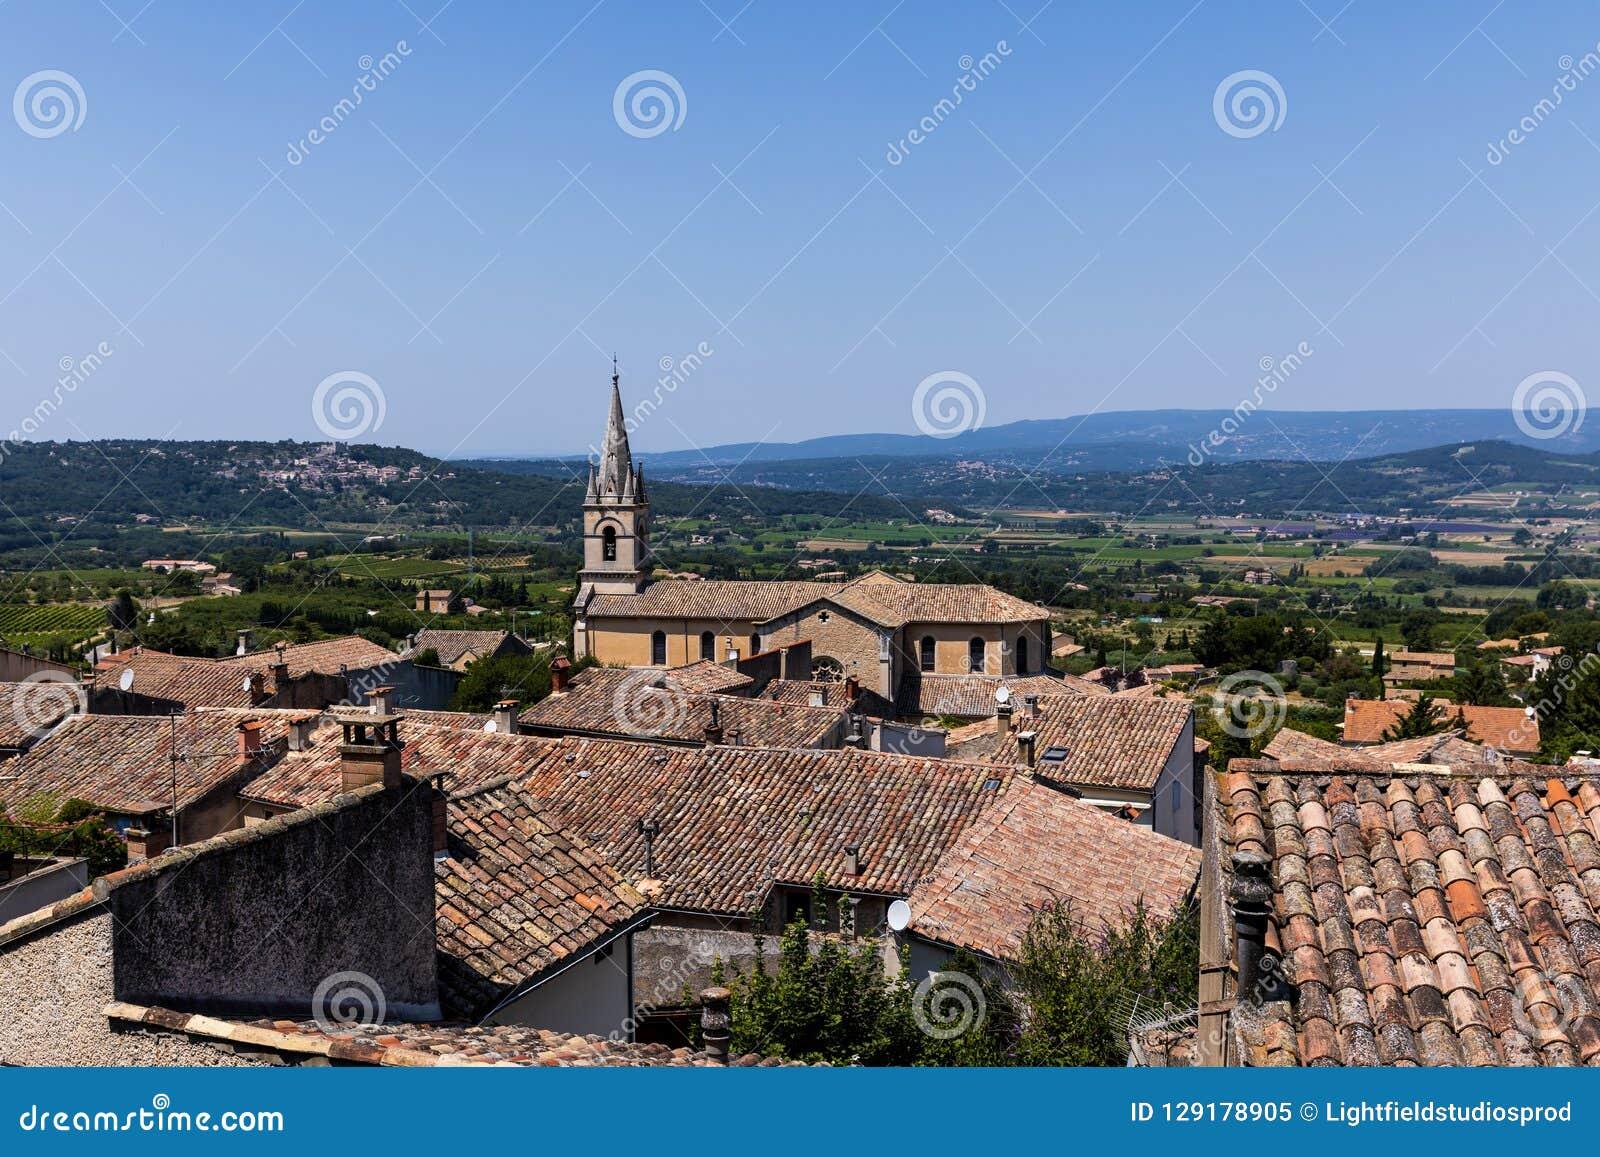 красивые традиционные крыши архитектуры и далекие горы